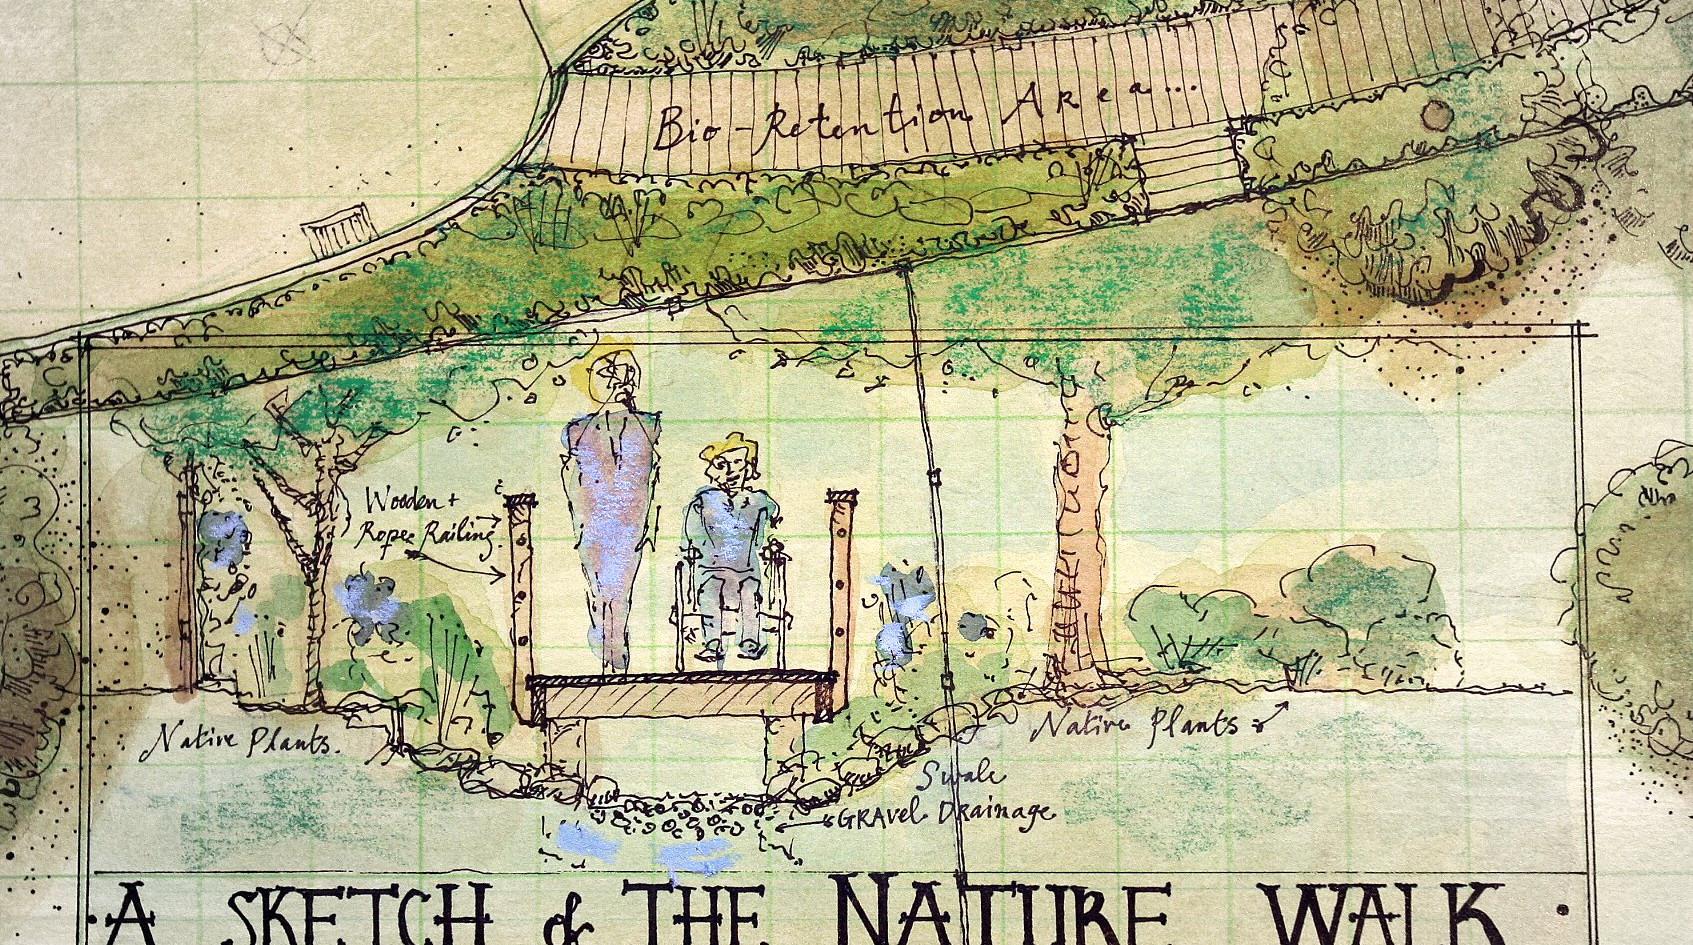 280-10-2_Nature Walk.jpg